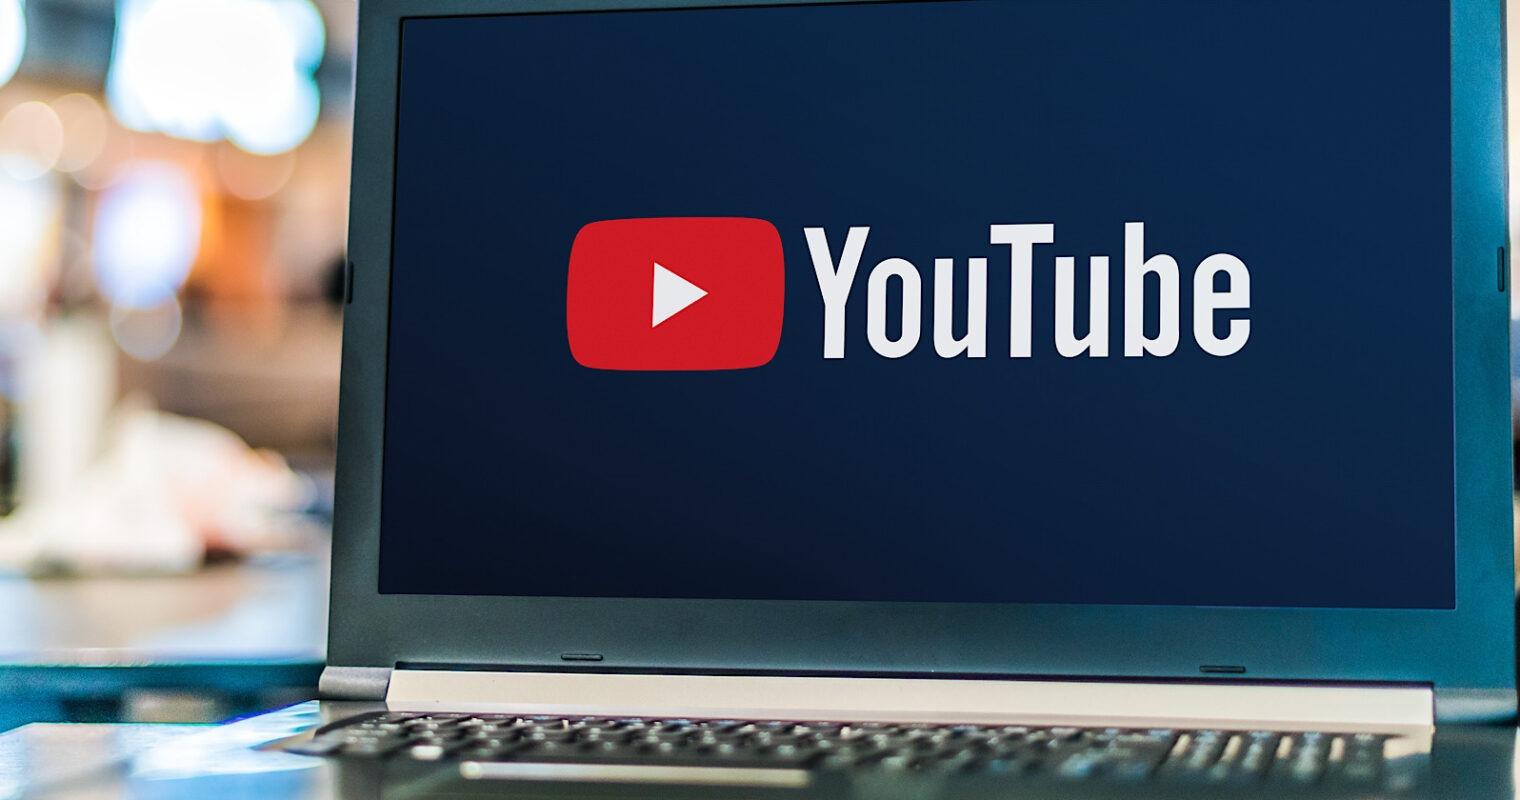 YouTubelogo on laptop scree